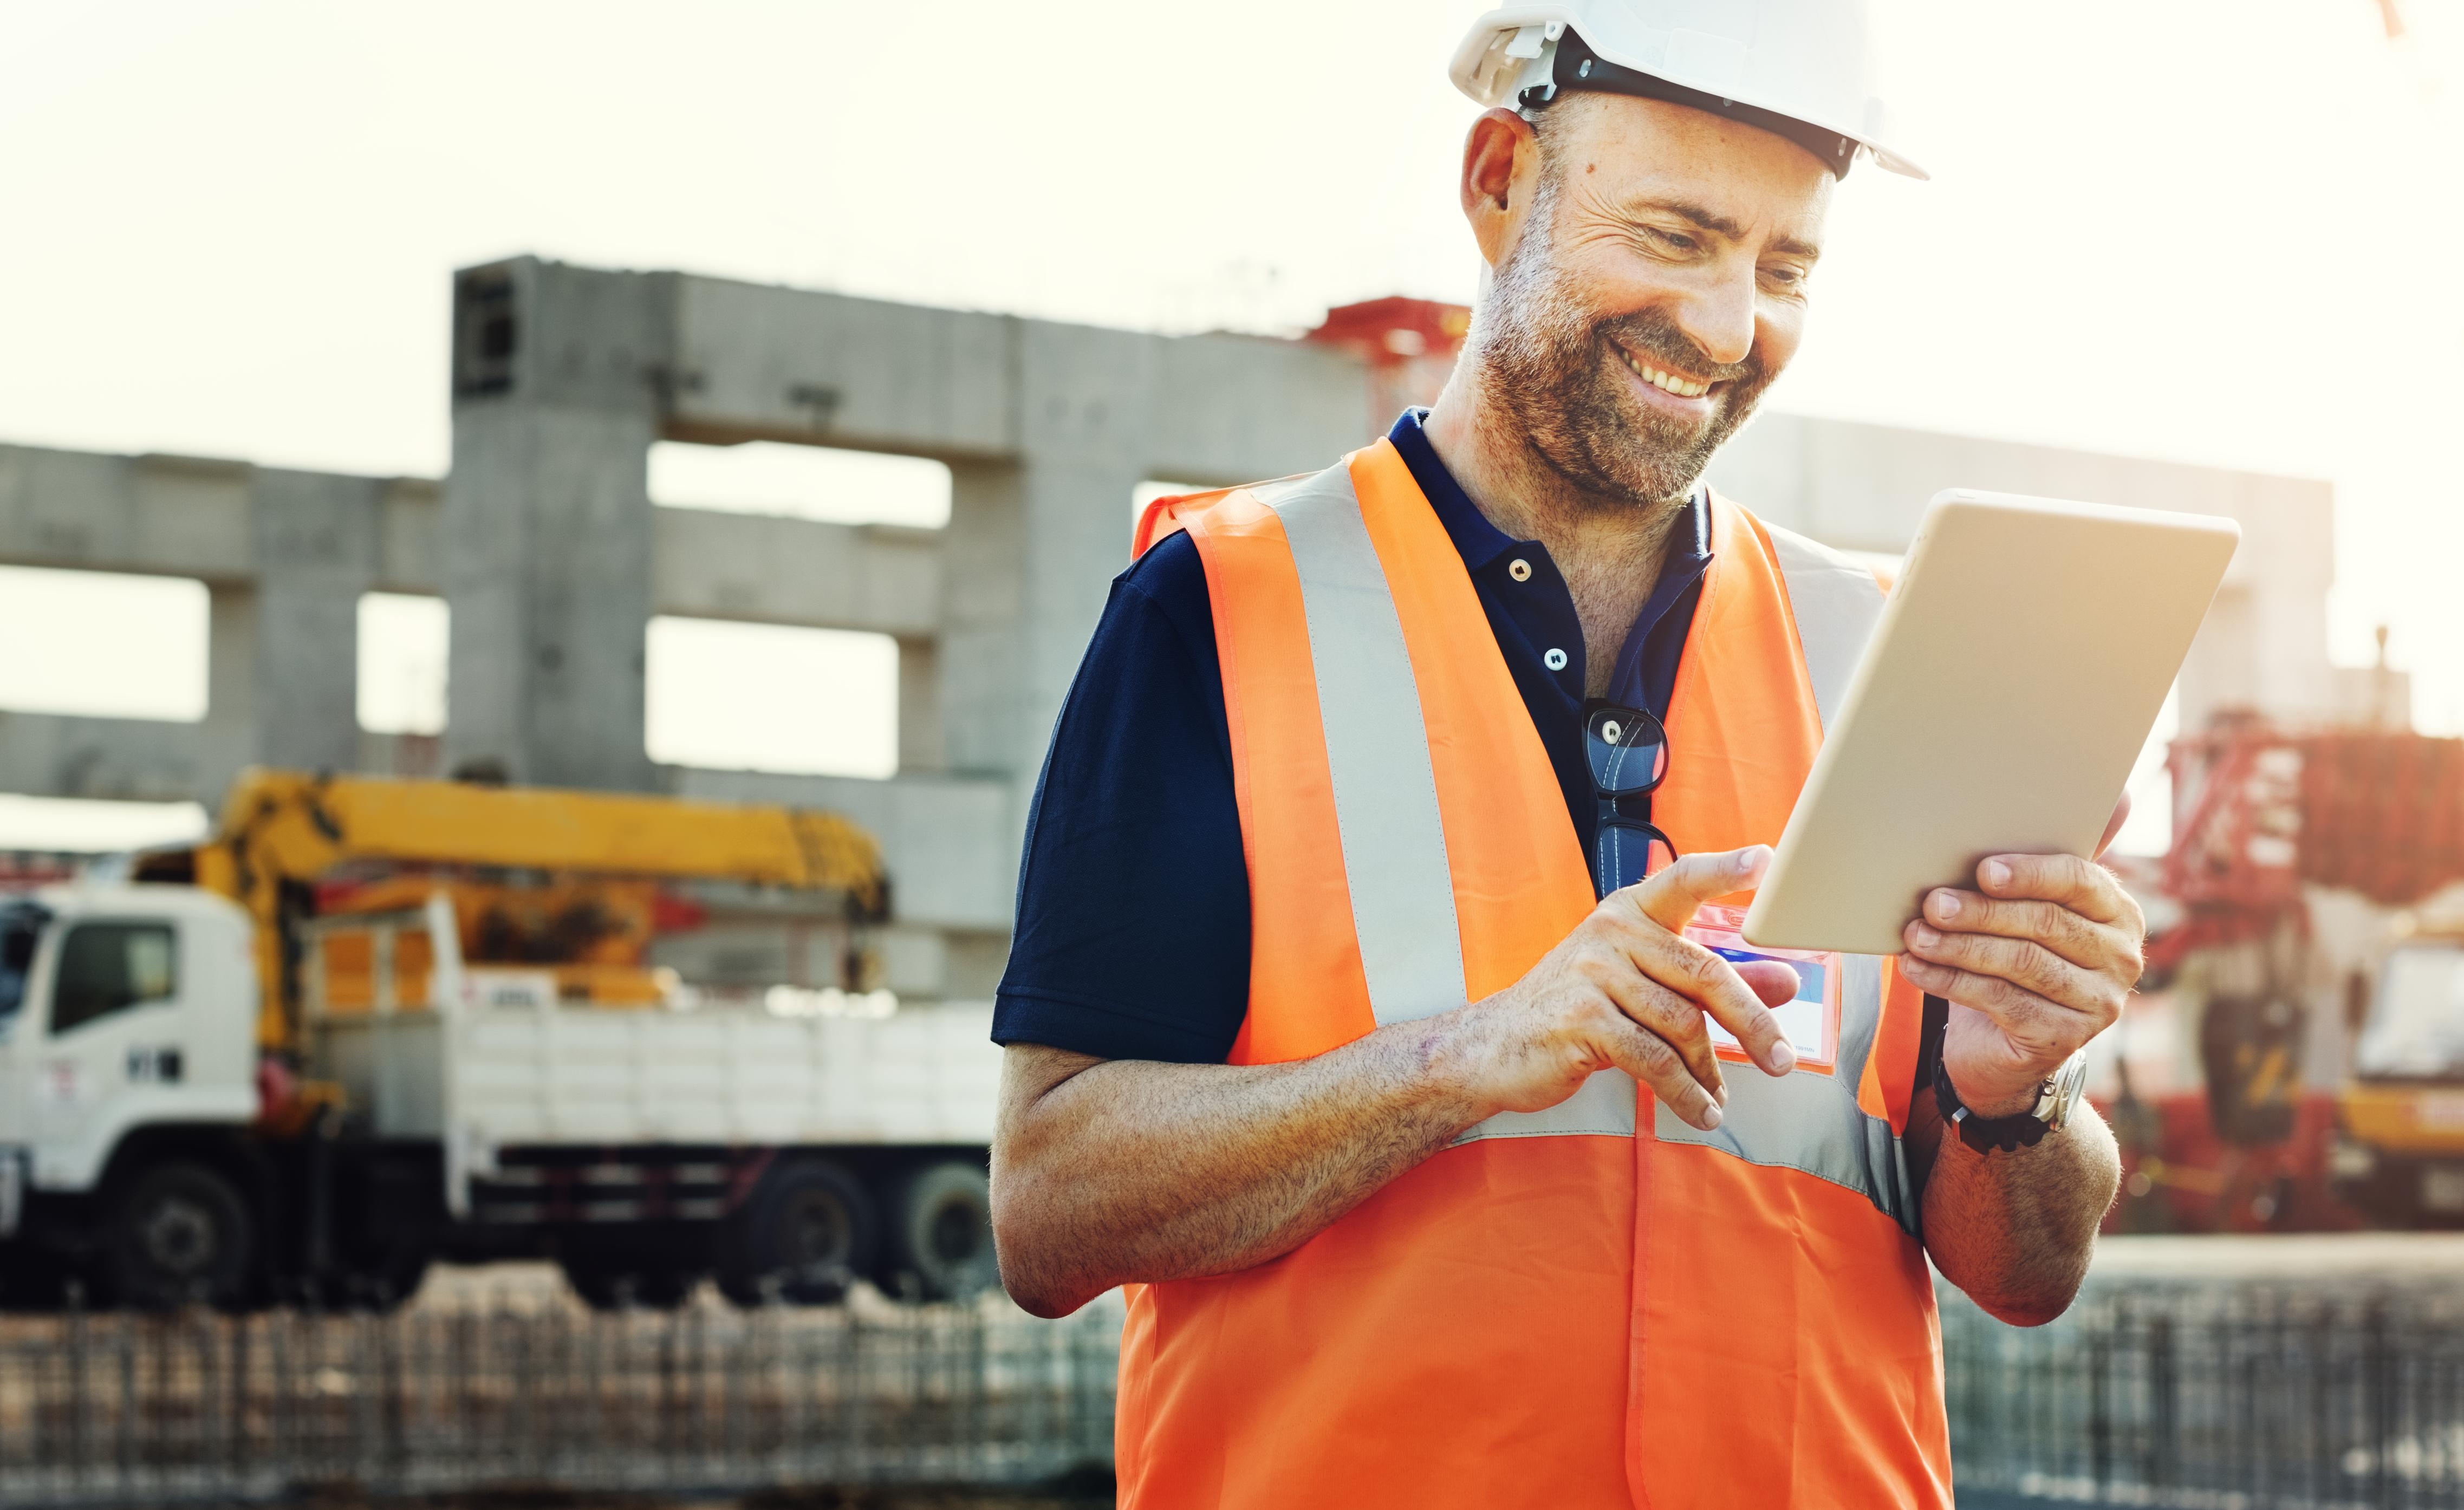 Tecnologia mobile: conheça os benefícios de dispositivos móveis na Construção